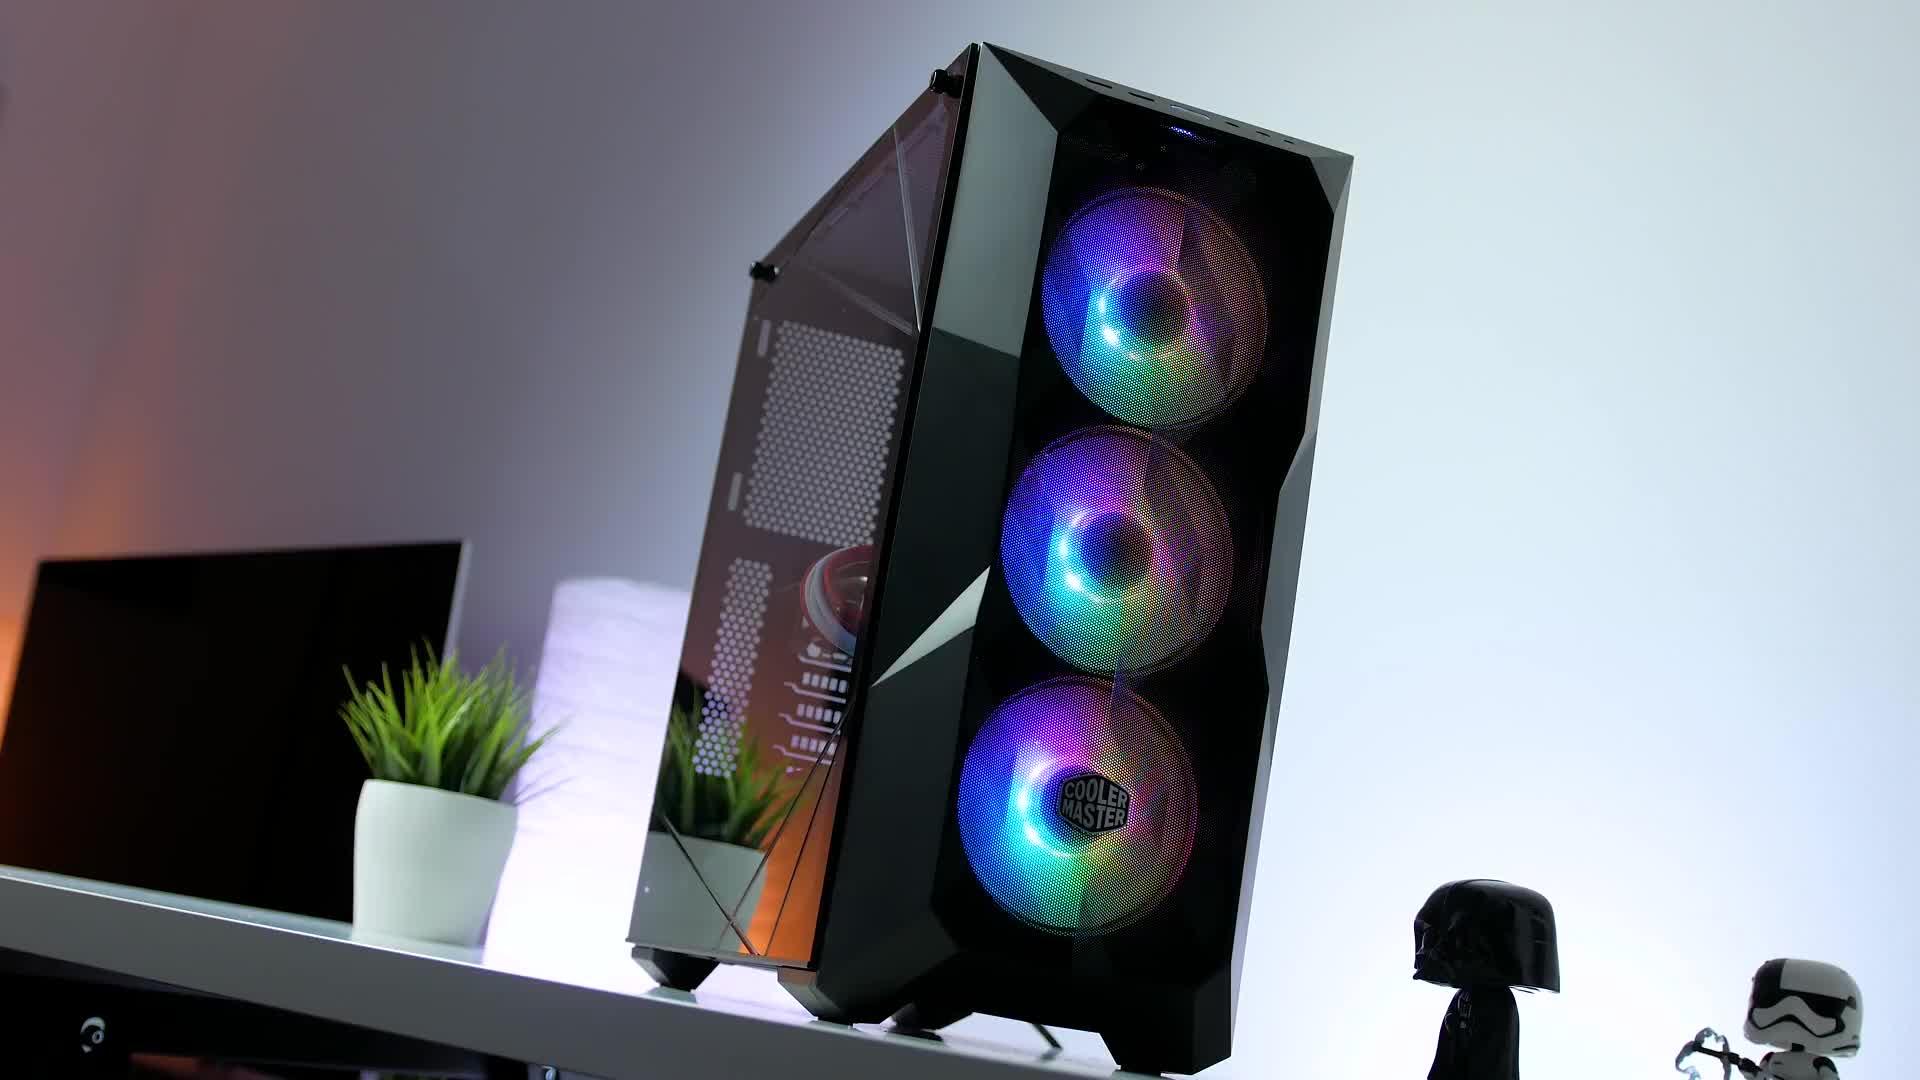 Test, Zenchilli, Zenchillis Hardware Reviews, Mesh, Gehäuse, Tower, PC-Gehäuse, Cooler Master, ATX, Cooler Master TD500 Mesh, Cooler Master TD500, TD500 Mesh, TD500